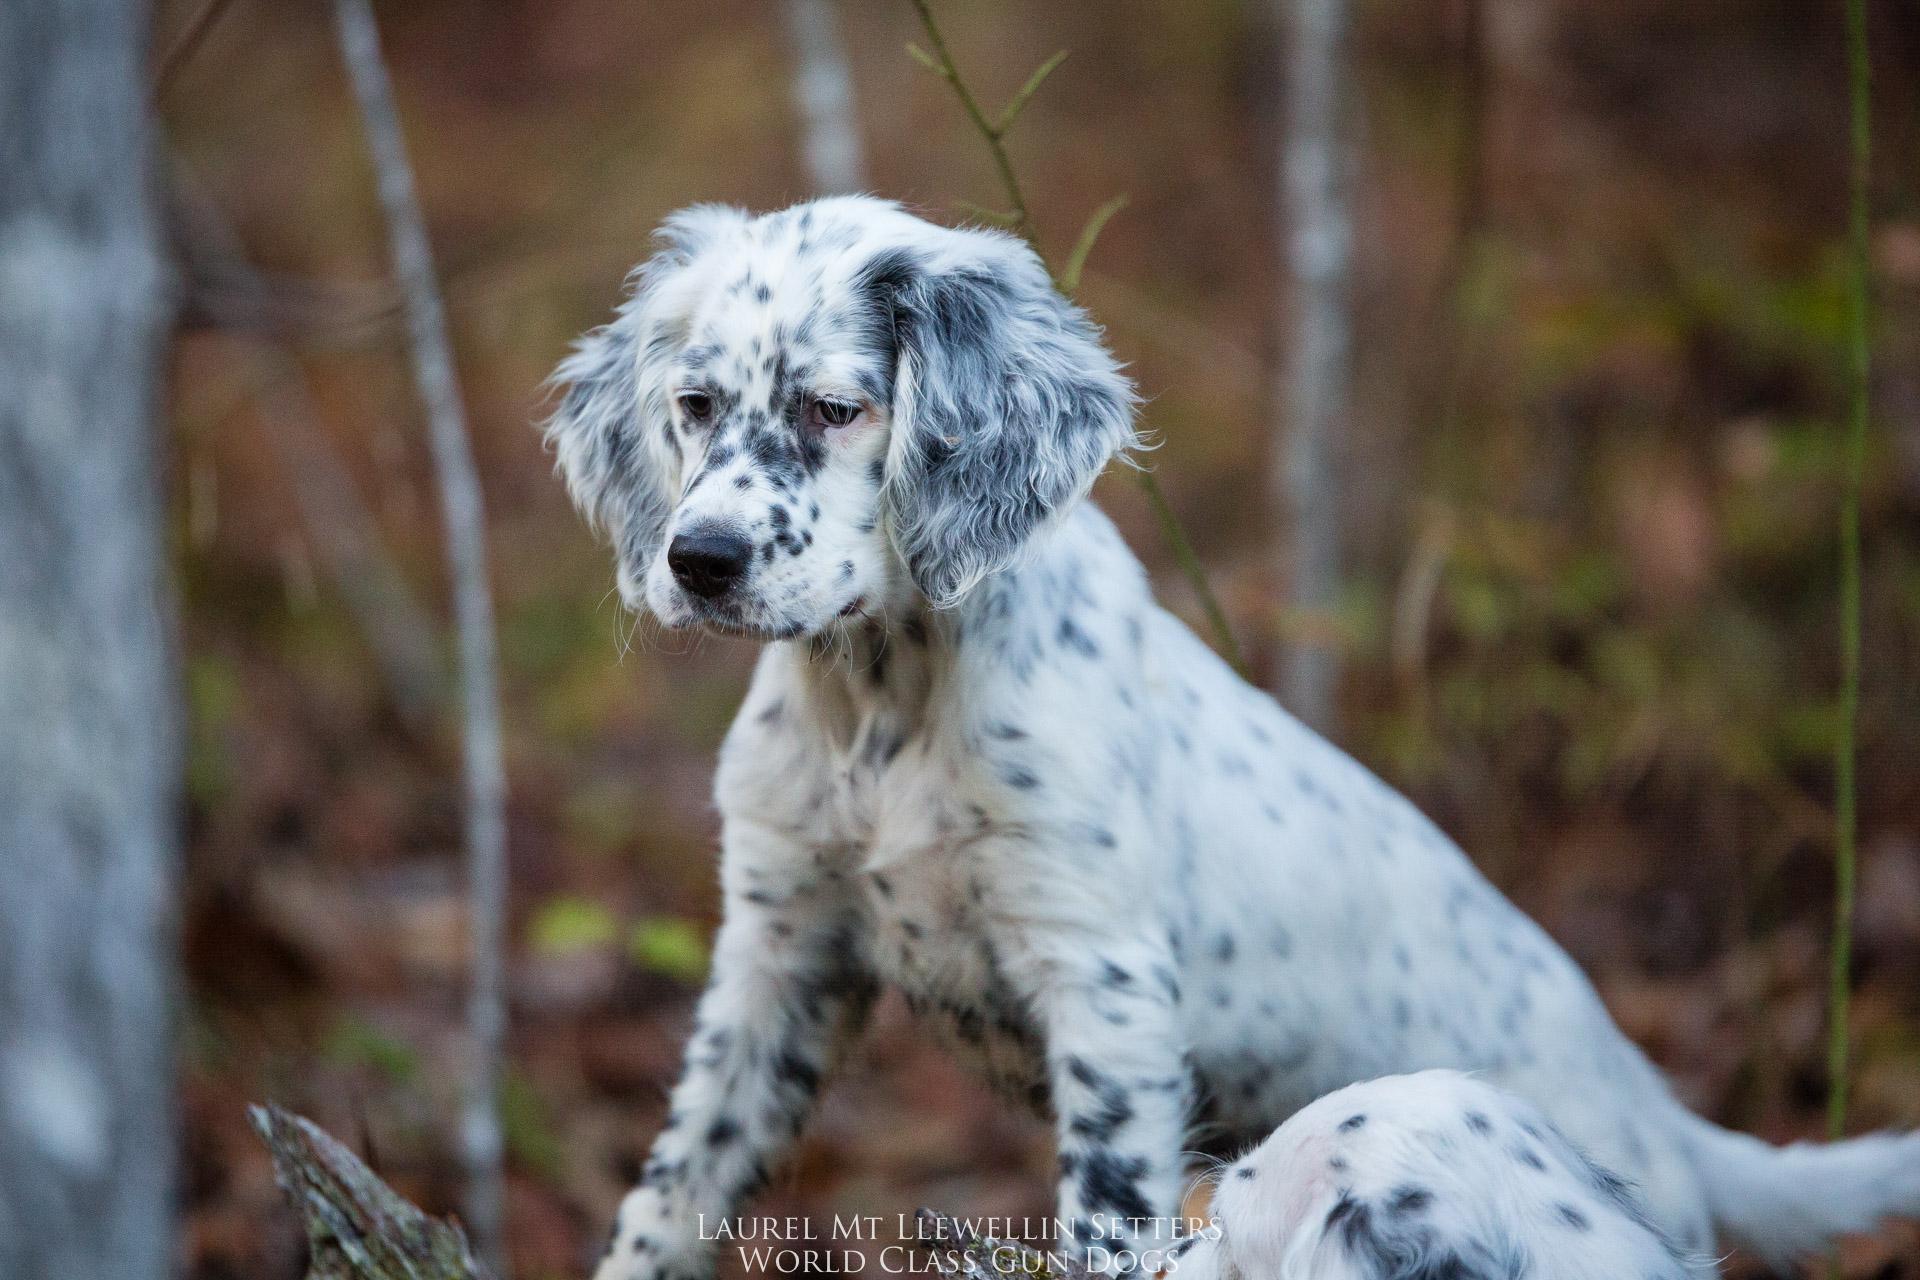 Laurel Mt Llewellin Setter Puppy Nova